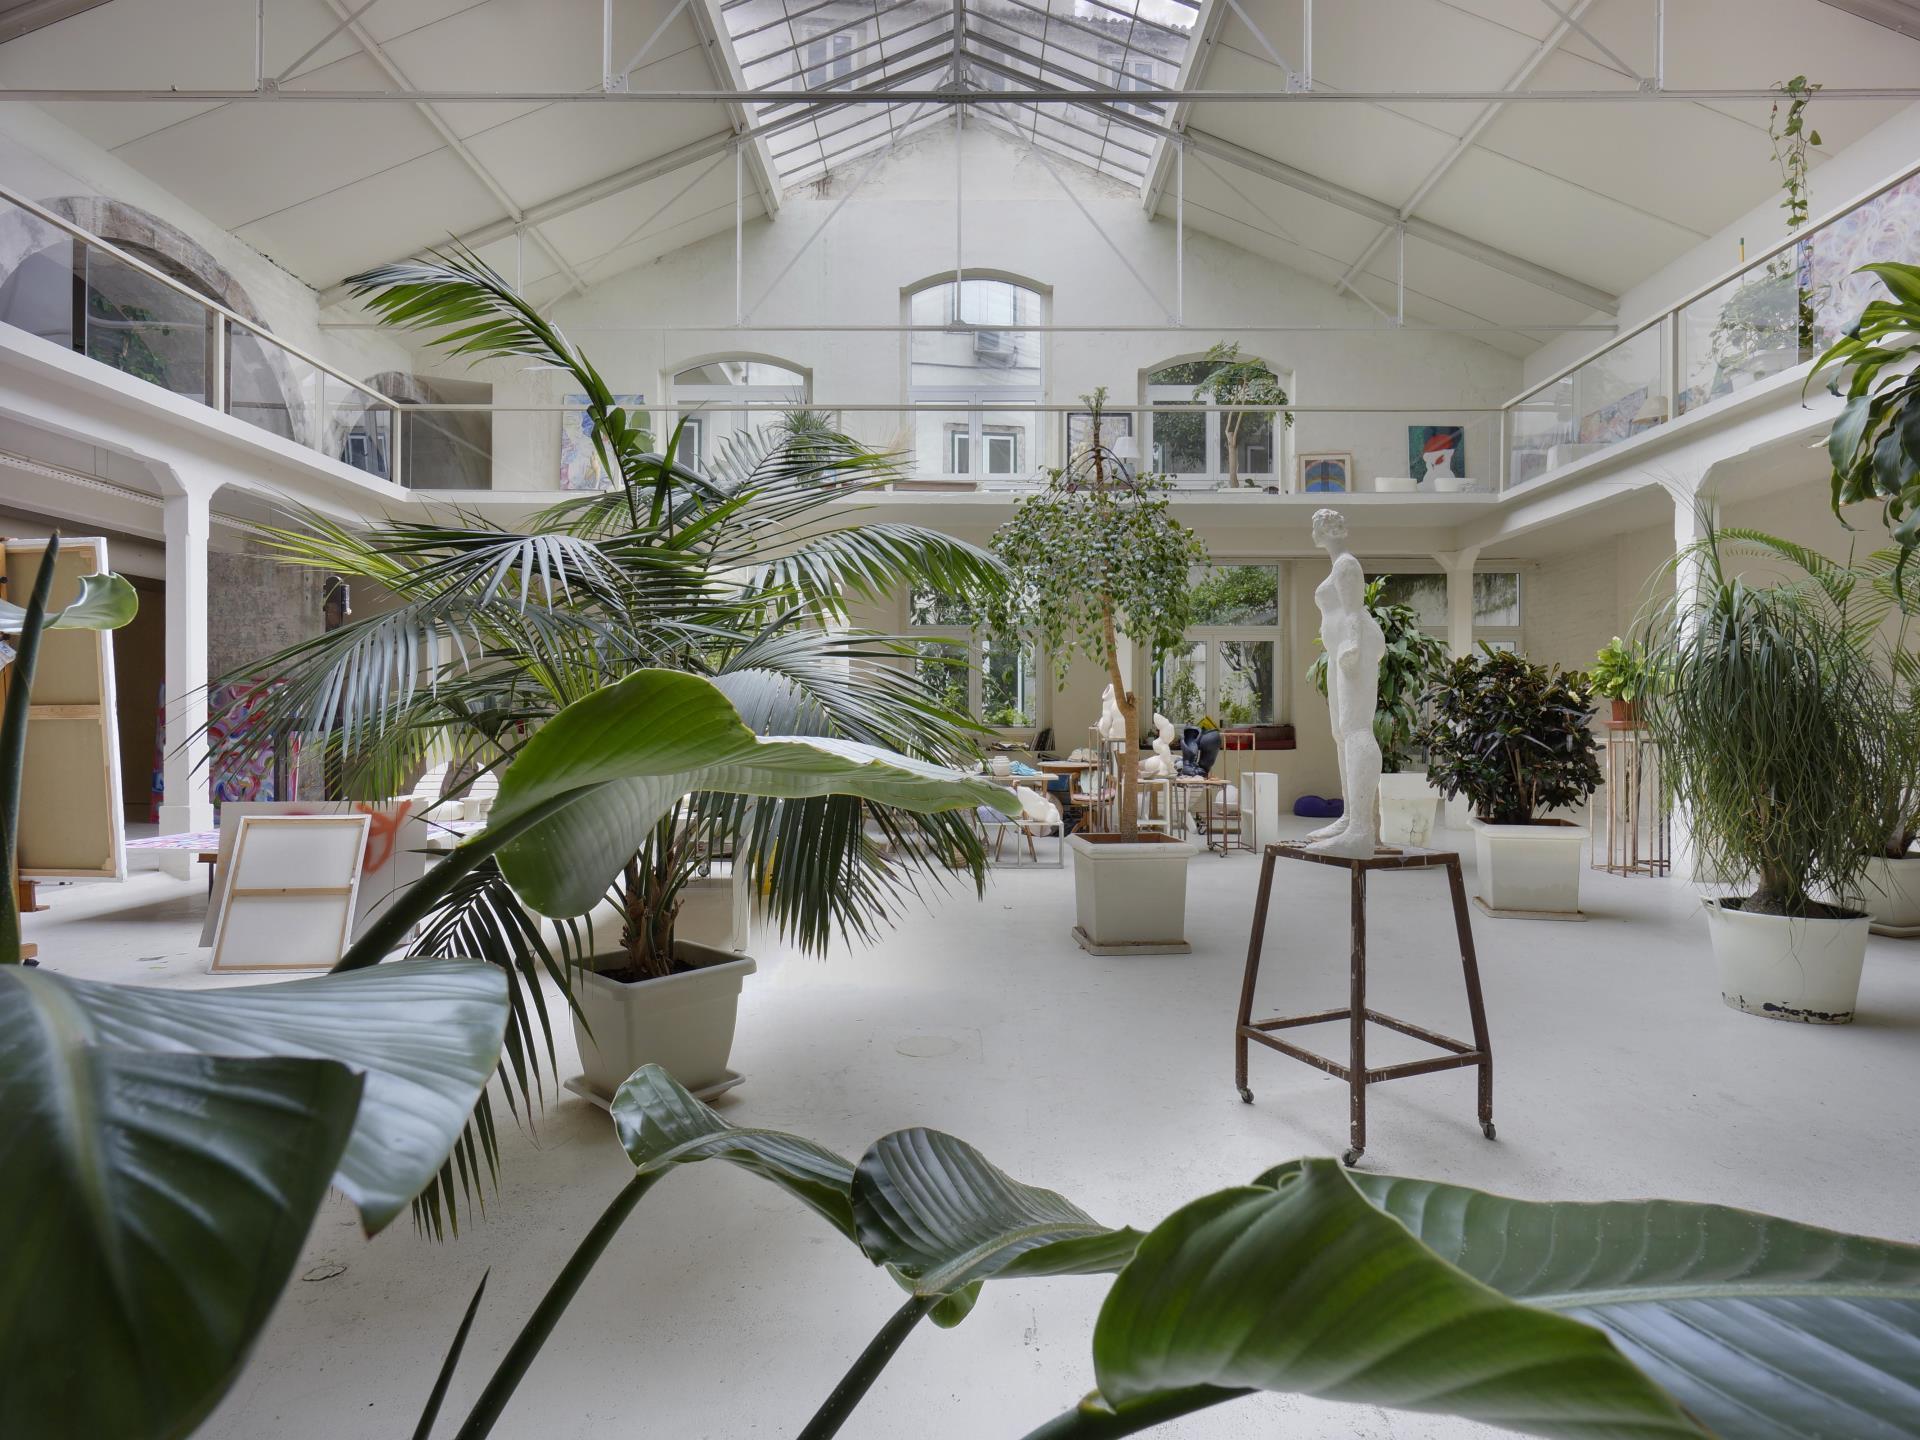 Villa per Vendita alle ore Apartment Floor Dwelling for Sale Chiado, Lisboa, Lisbona Portogallo